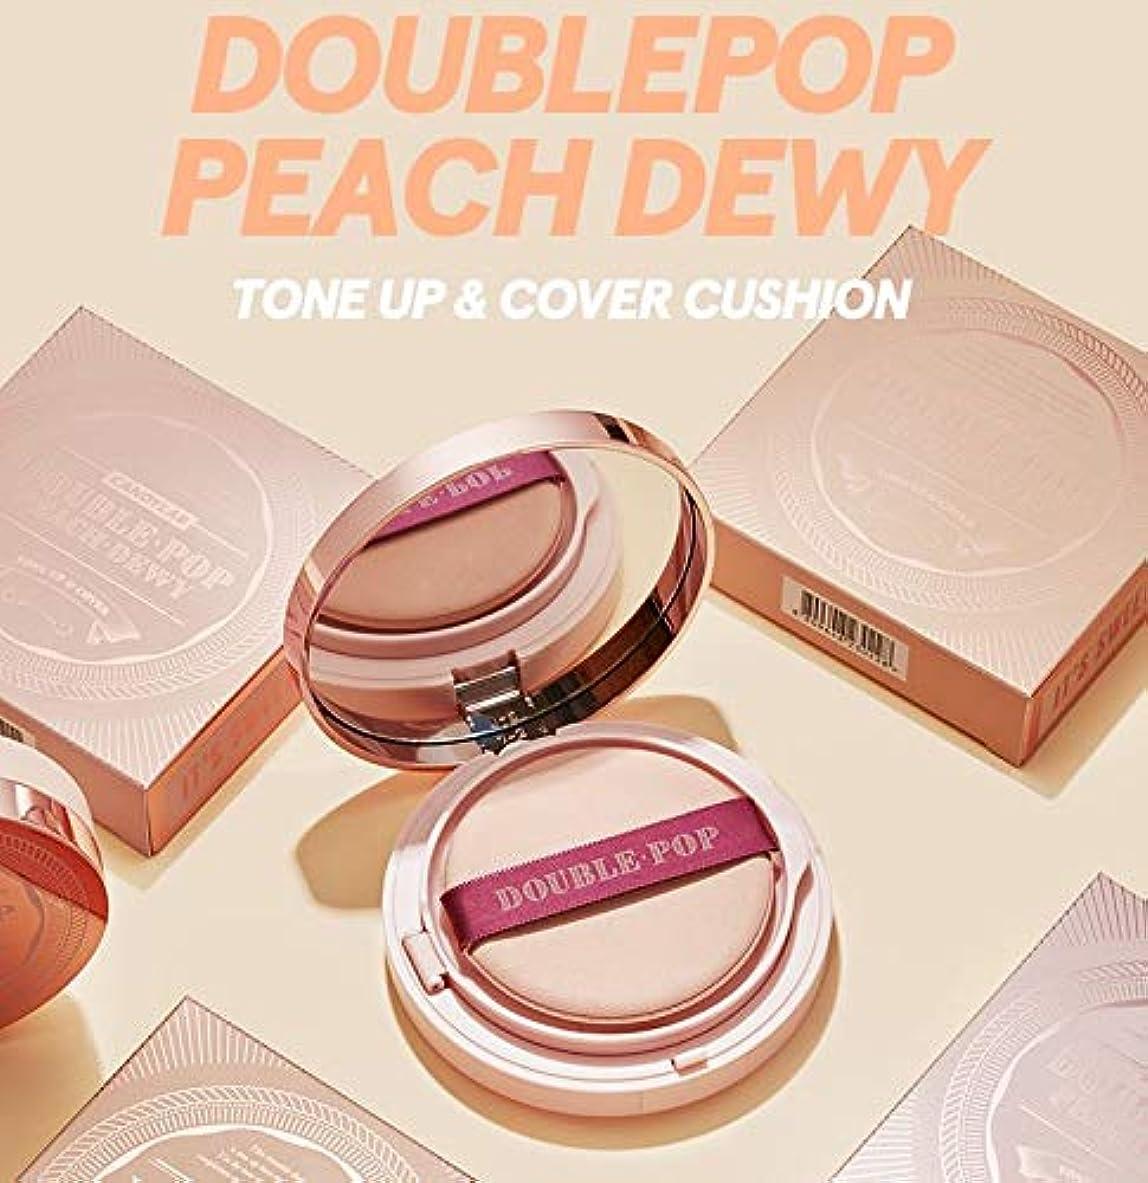 男やもめ尊敬する家具【キャンディラボ公式ストア】Doublepop Peach Dewy Cushion/ダブルポップピーチ クッションファンデ/正品?海外直送商品 [並行輸入品] (#17 Porcelain Peach)